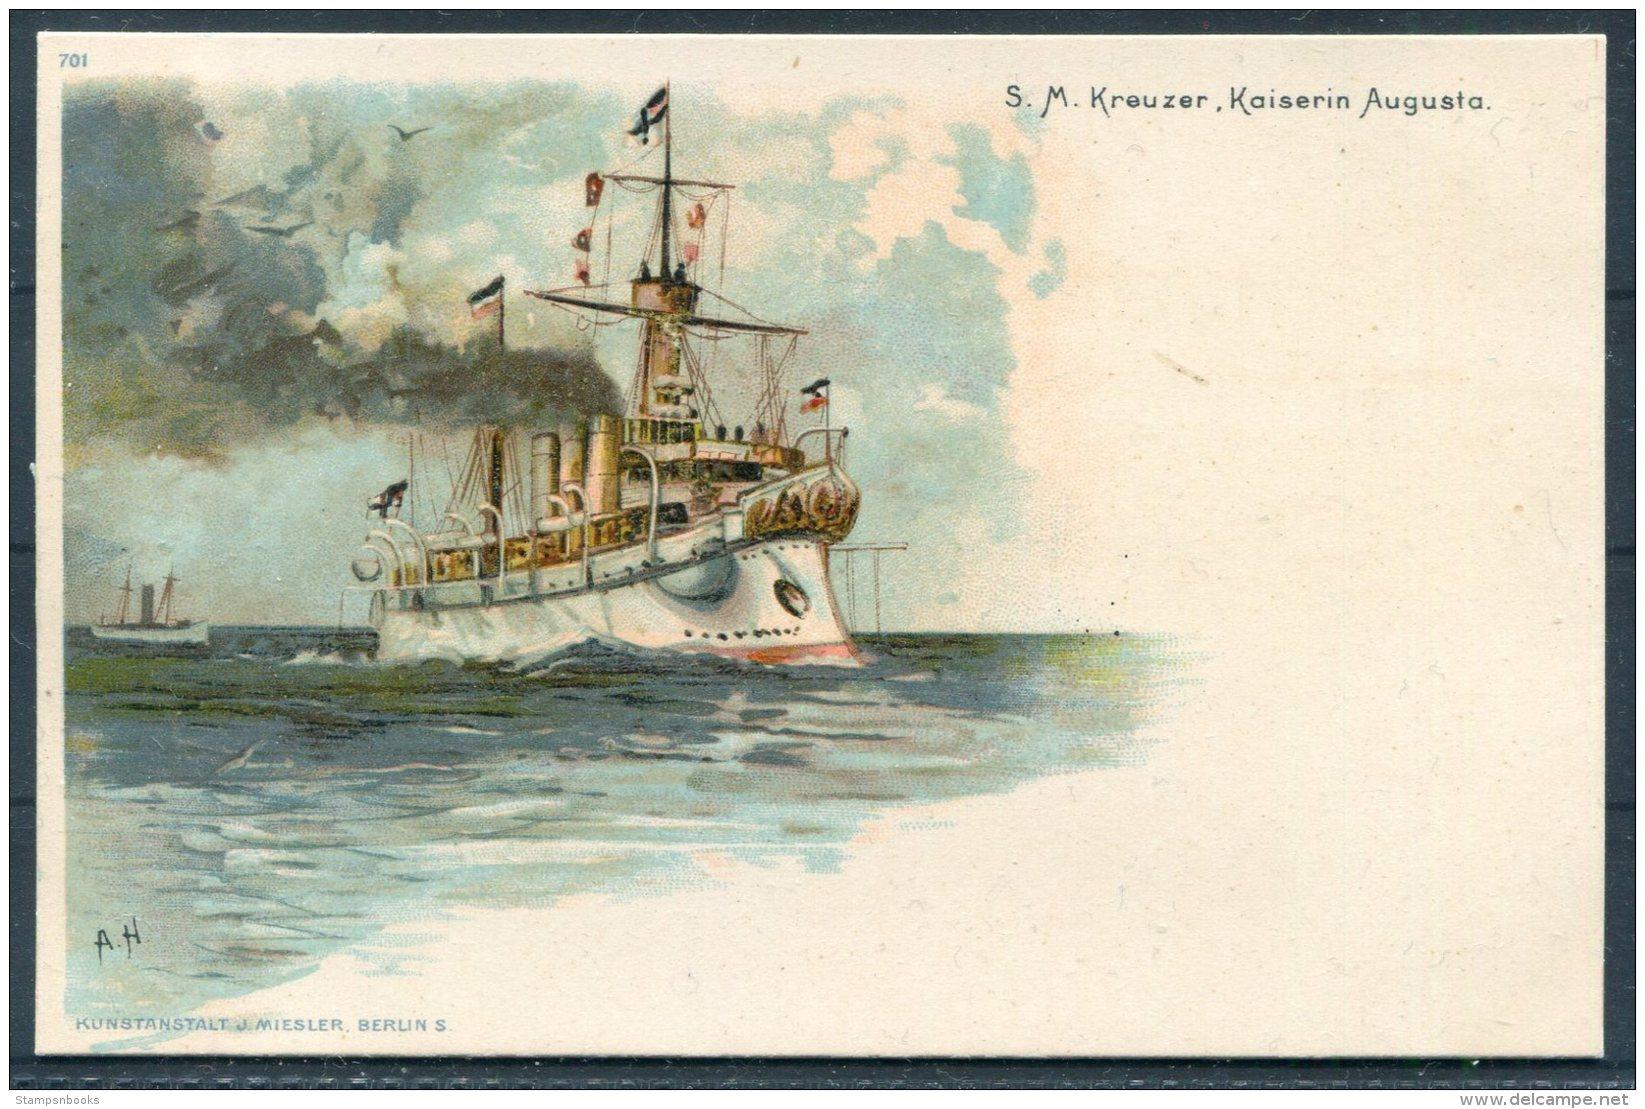 S.M. Kreuzer Kaiserin Augusta Deutsche Kriegsschiff Litho Postcard - Warships